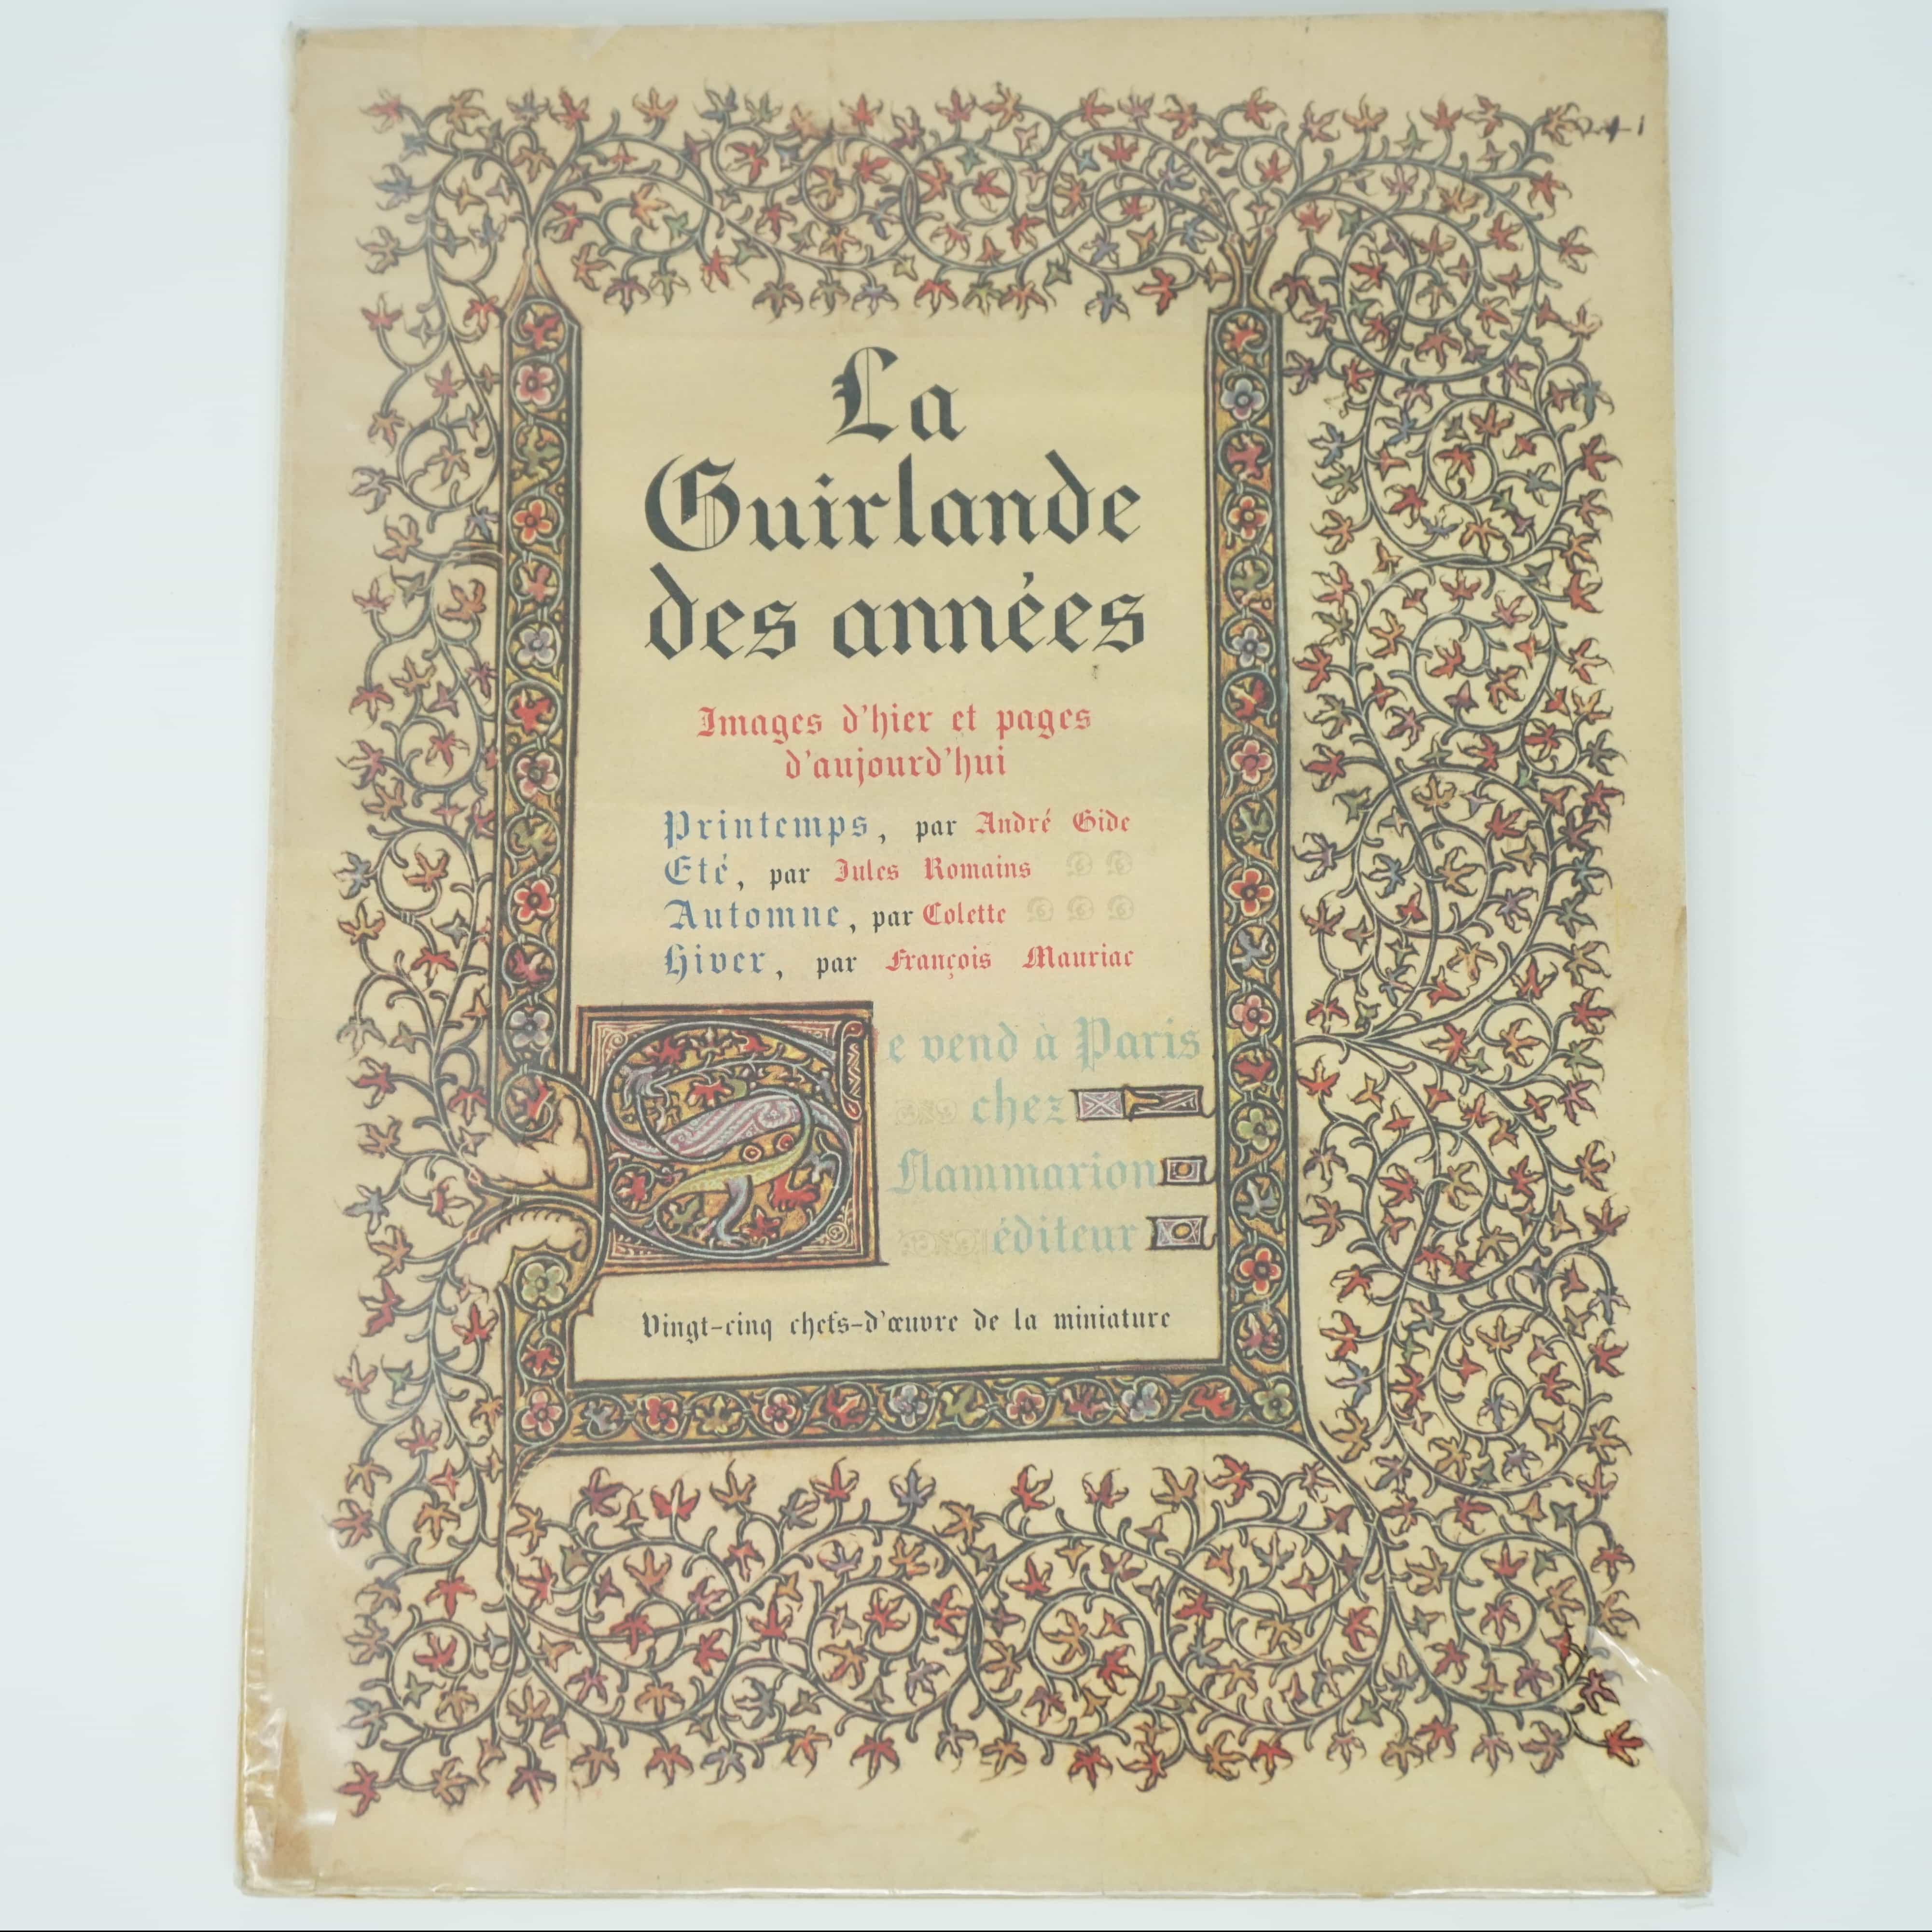 Livre La Guirlande des Années